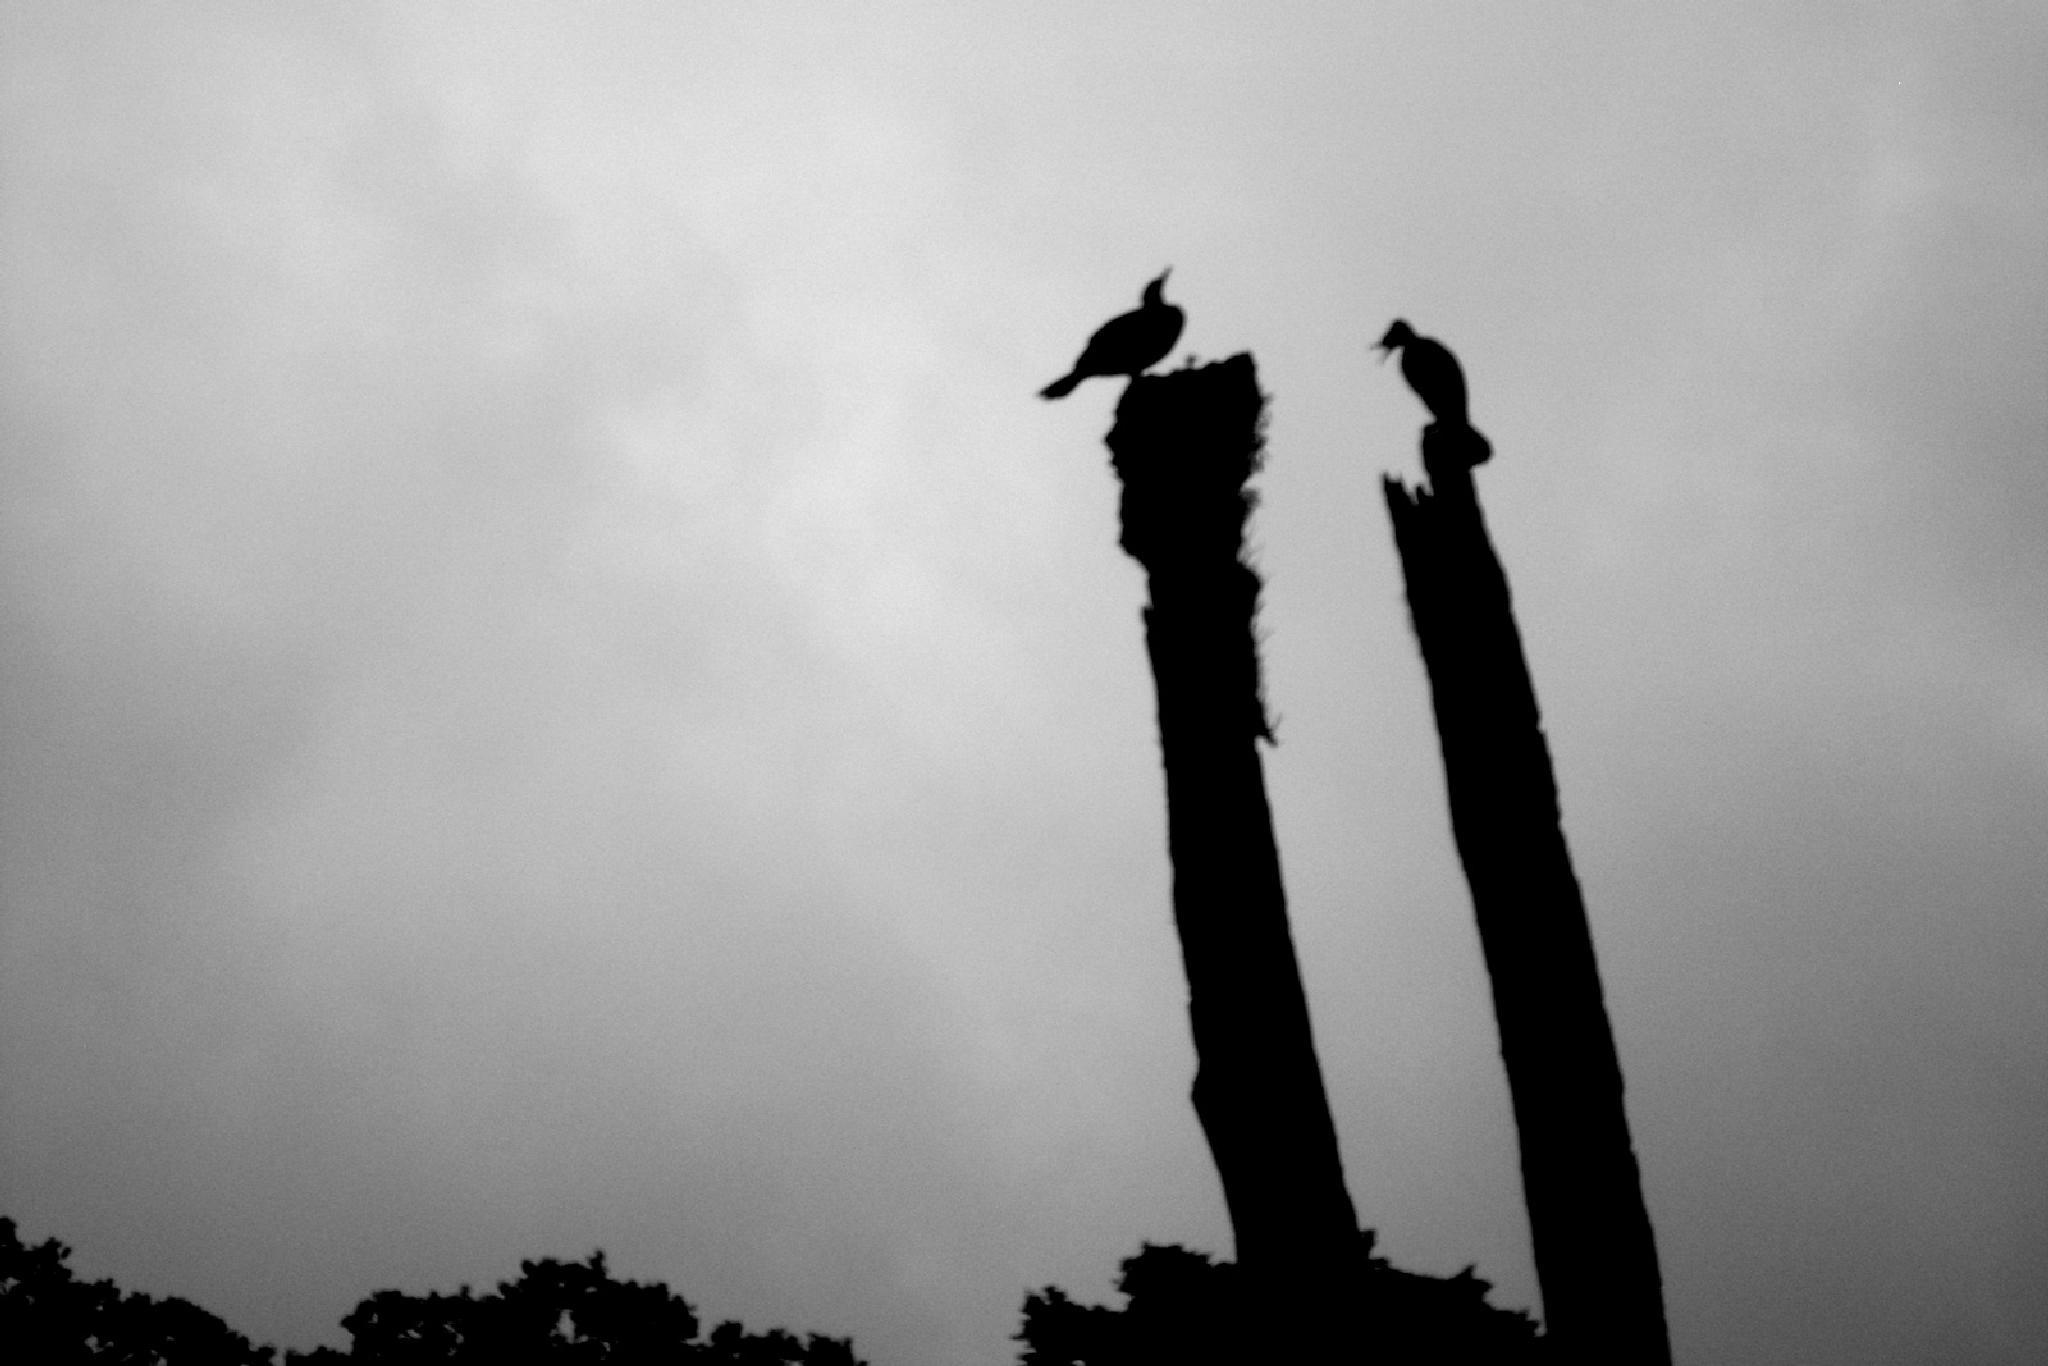 Untitled by Dr. Ghanshyam Patel